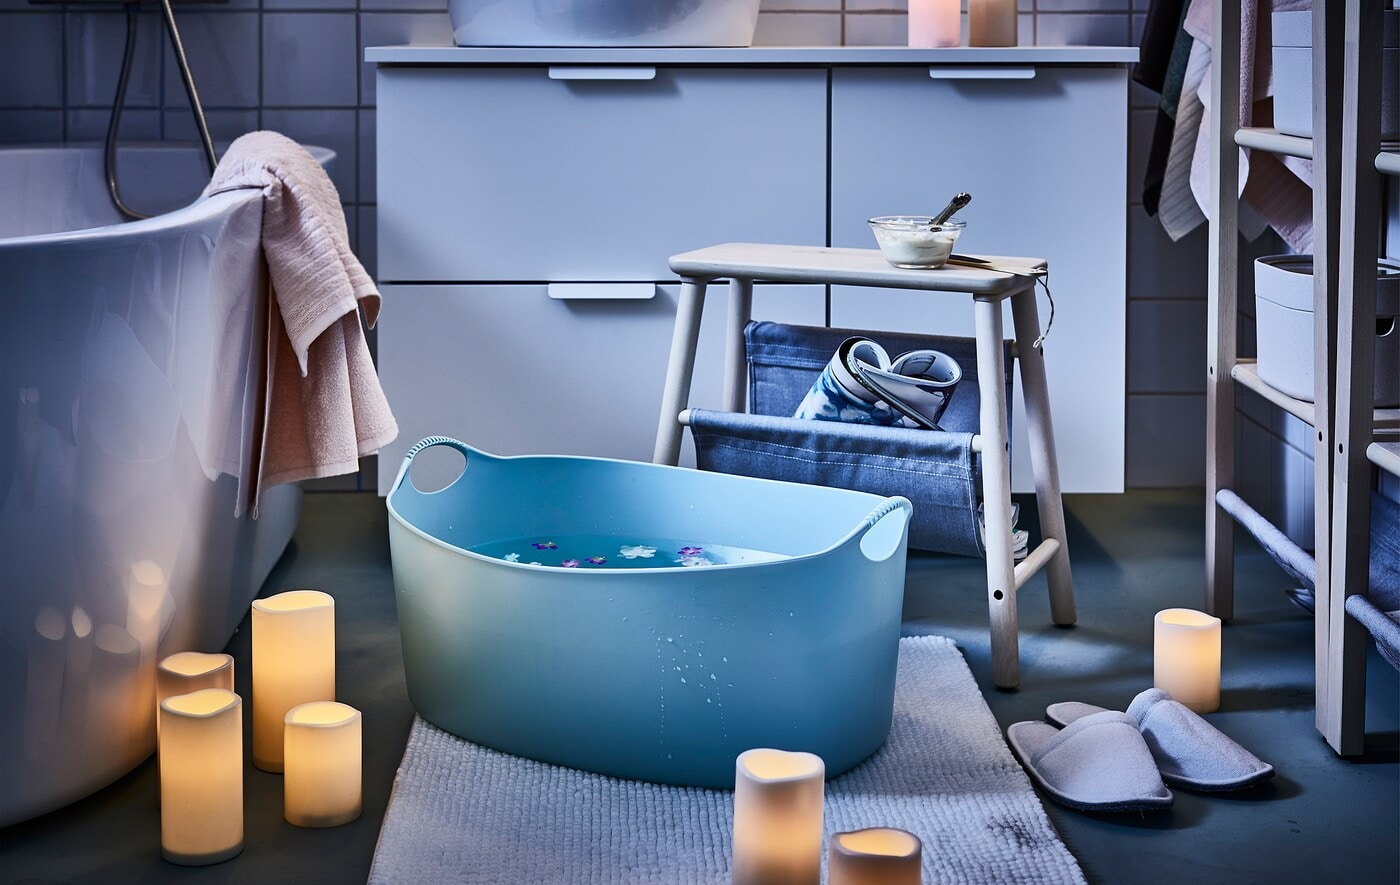 Koupelna s náladovým osvětlením pomocí LED svíček, stolička s občerstvením vedle vany a malá vanička na koupel nohou